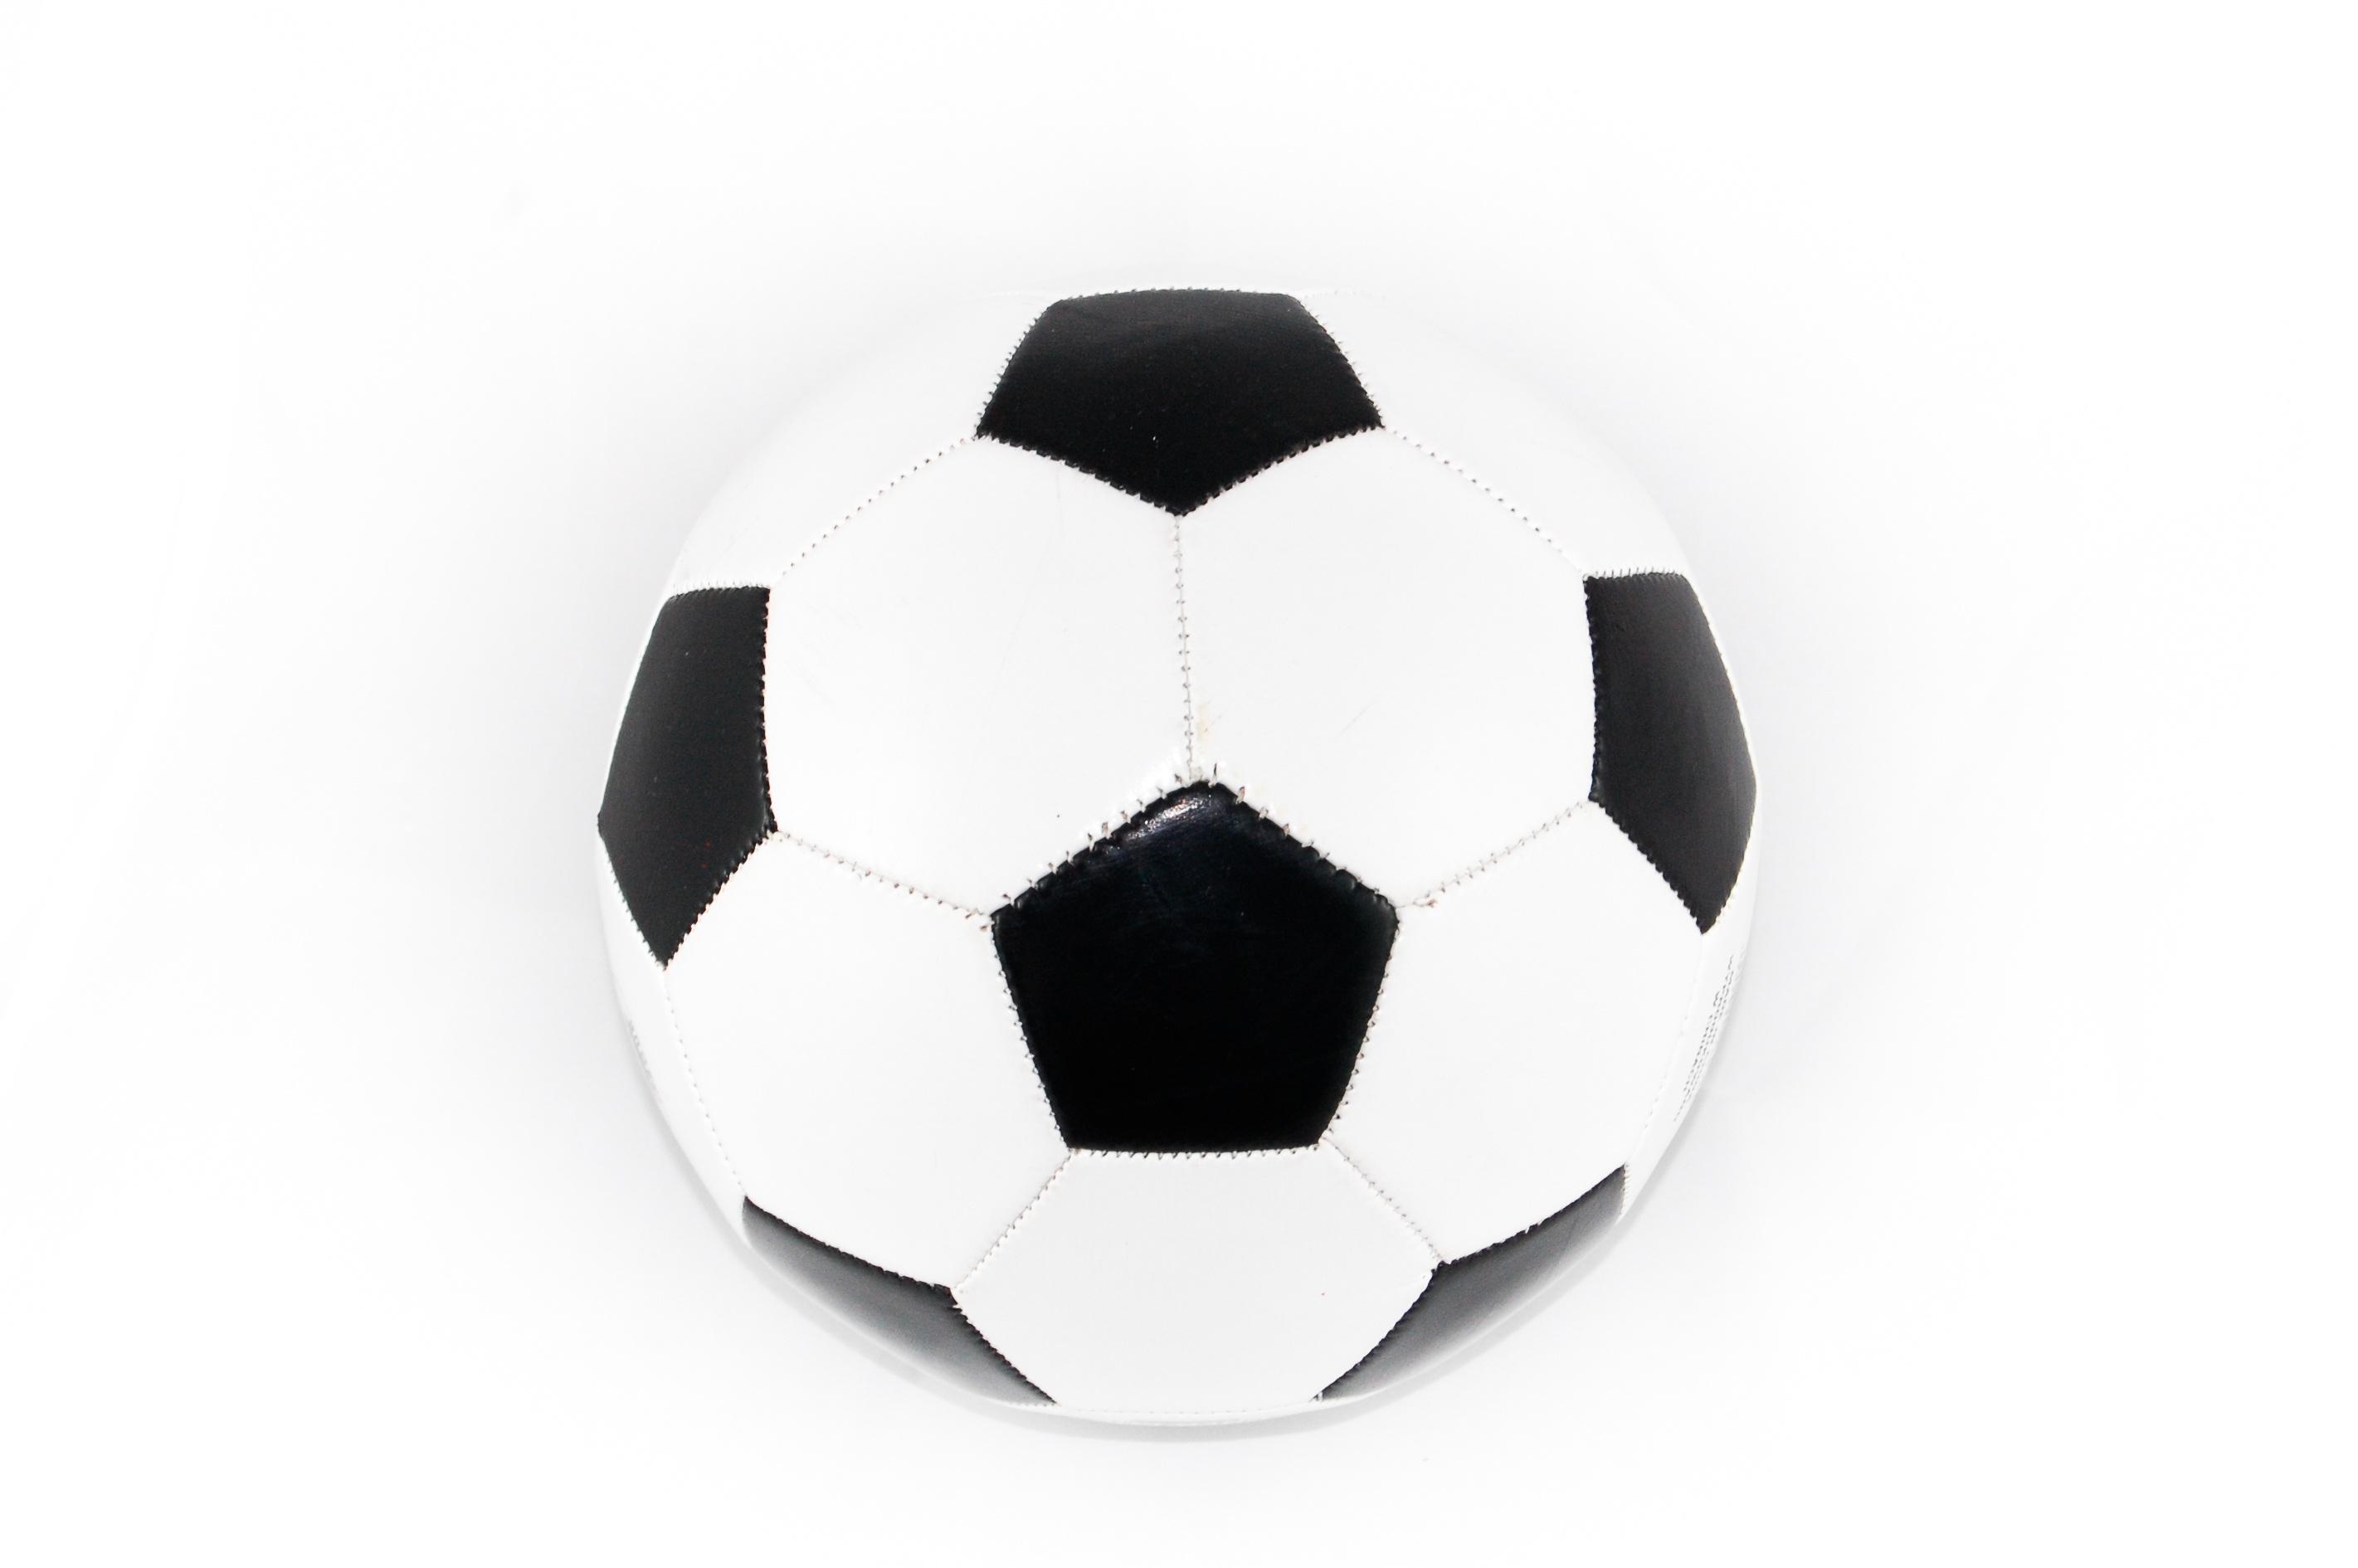 Balones De Fútbol Deportes Fondos De Pantalla Gratis: Fotos Gratis : Deporte, Rueda, Juego, Equipo Deportivo